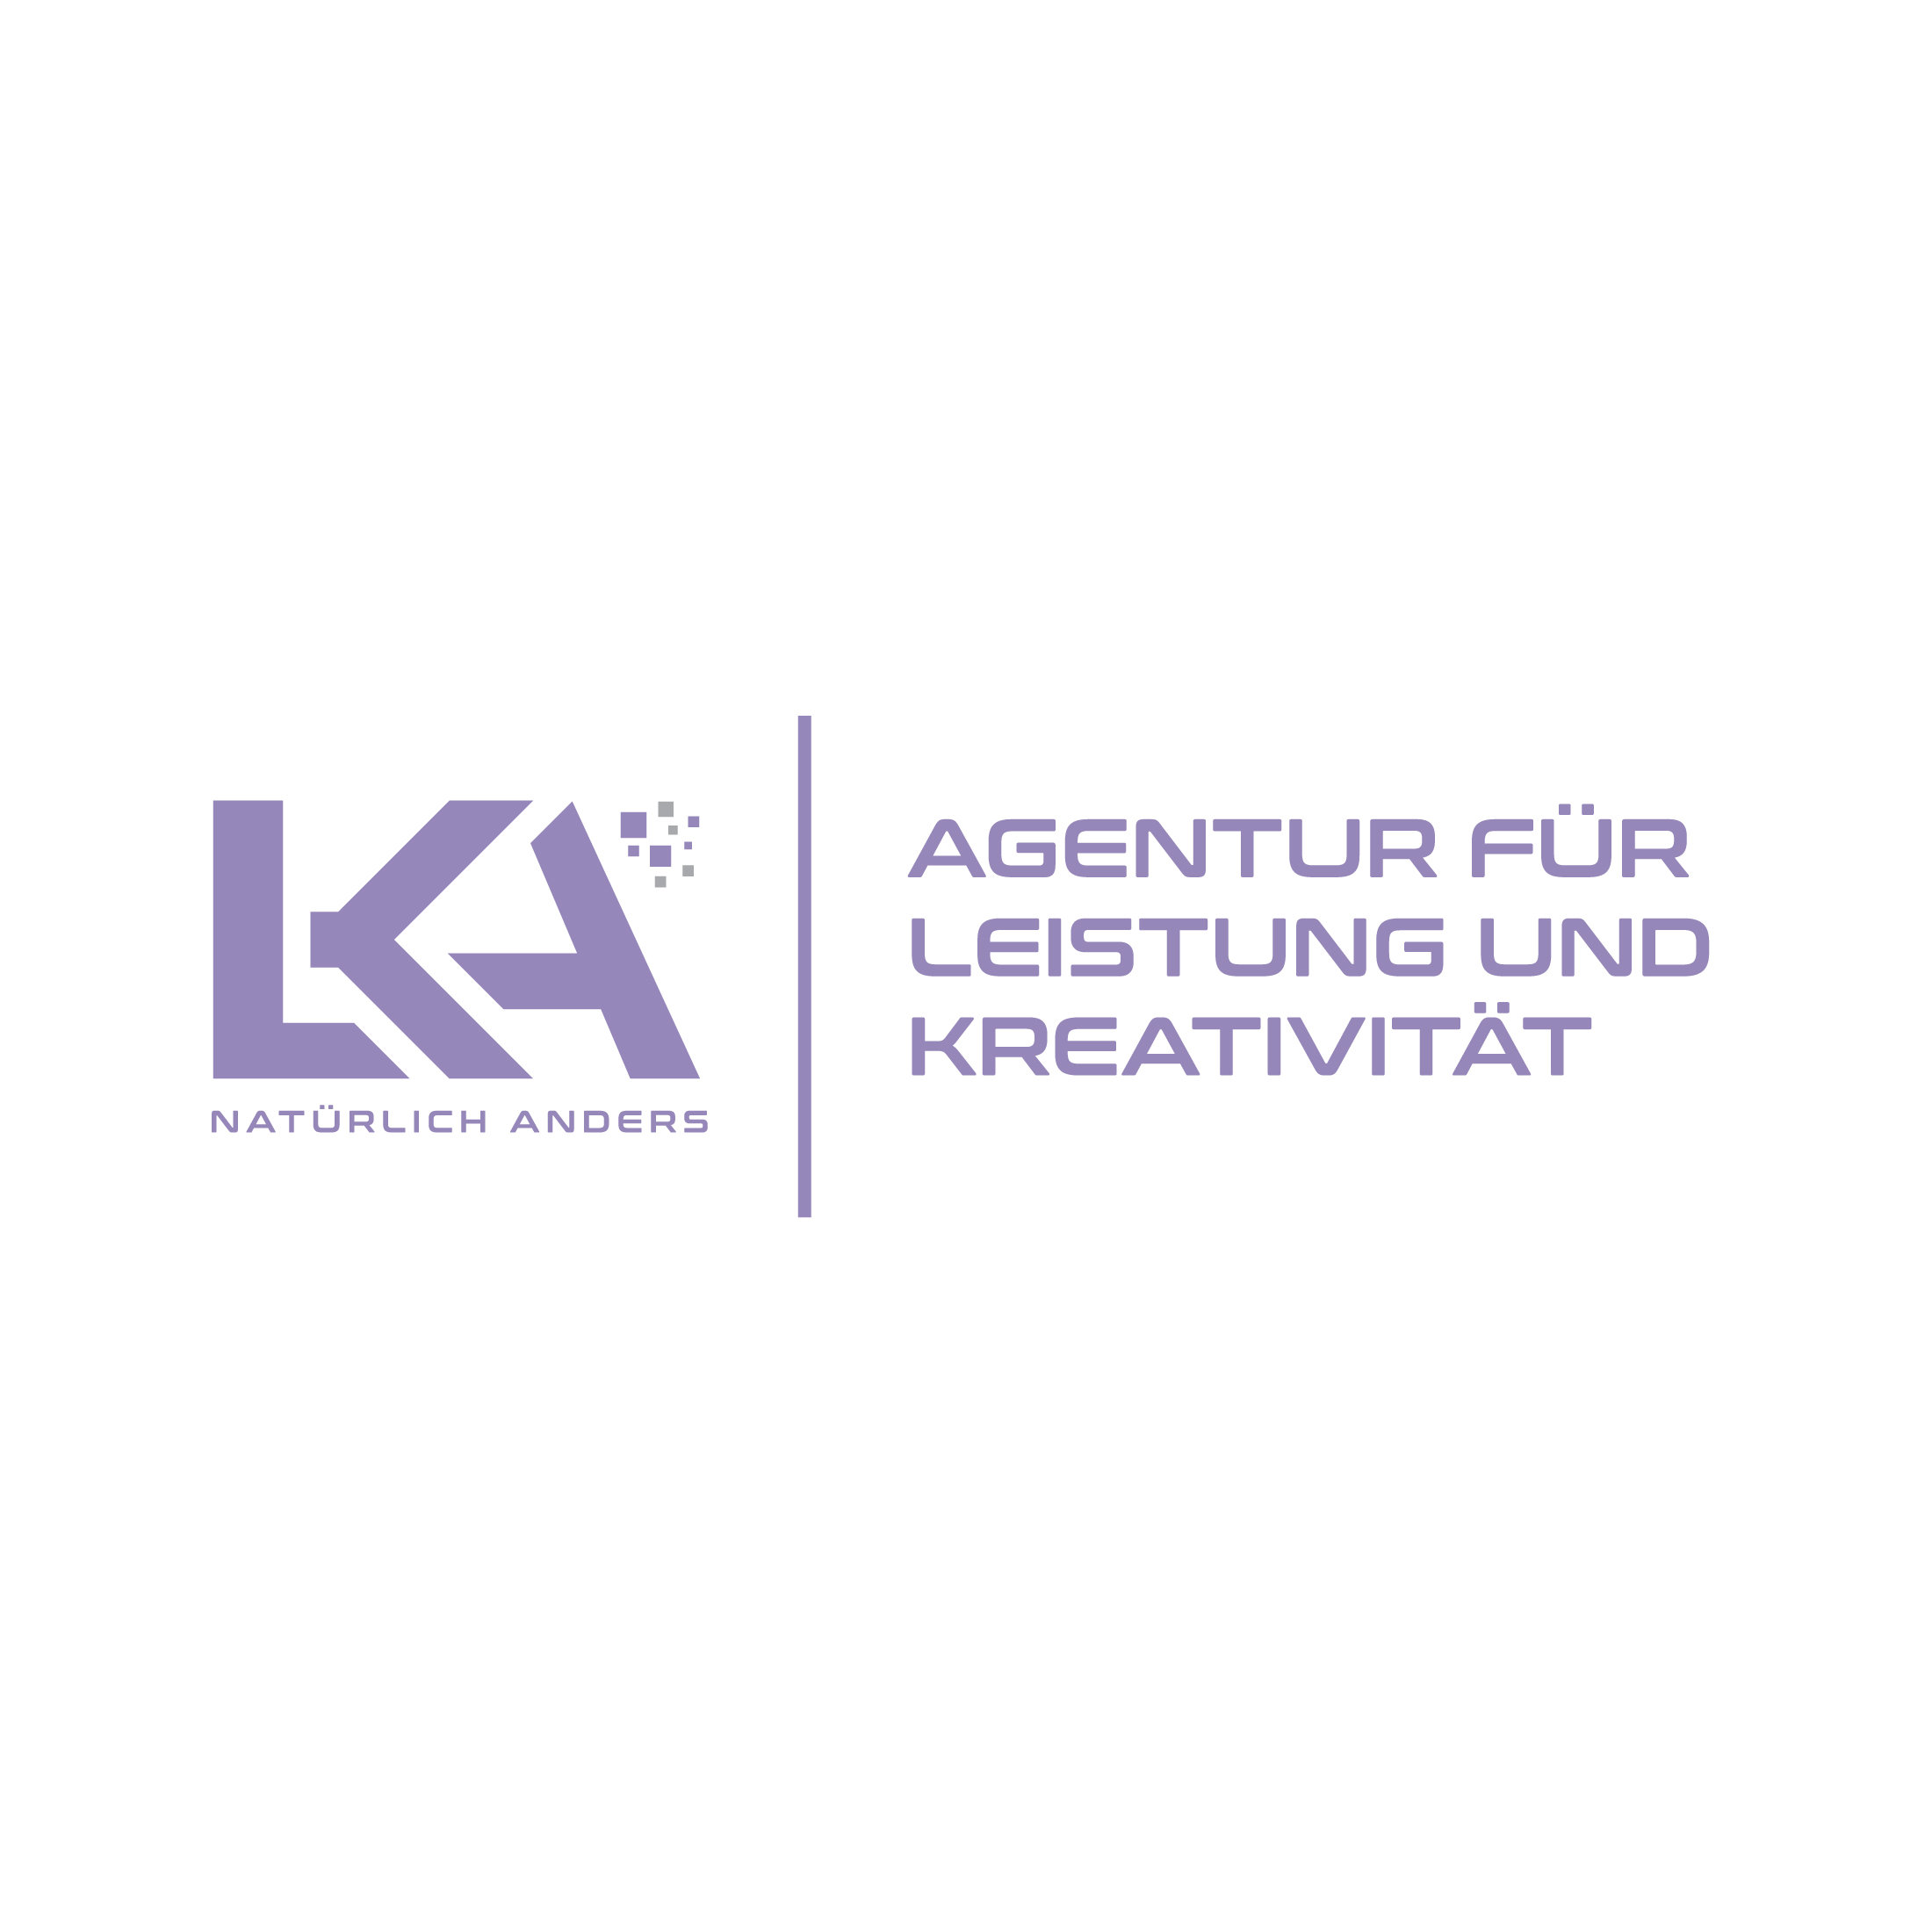 LKA - Agentur für Leistung und Kreativität logo